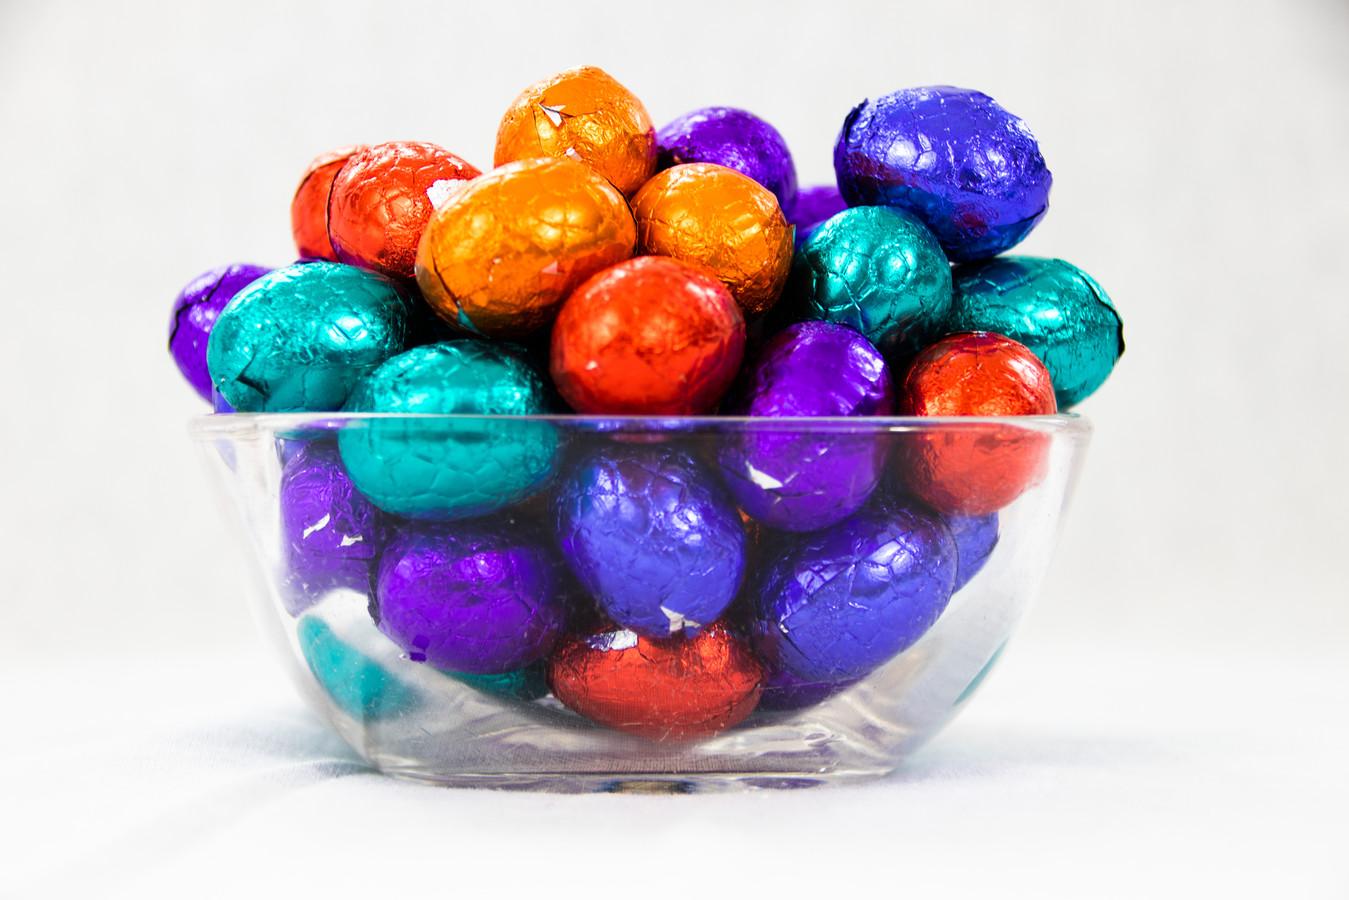 Pasen! alom bekend om de heerlijke chocolaatjes